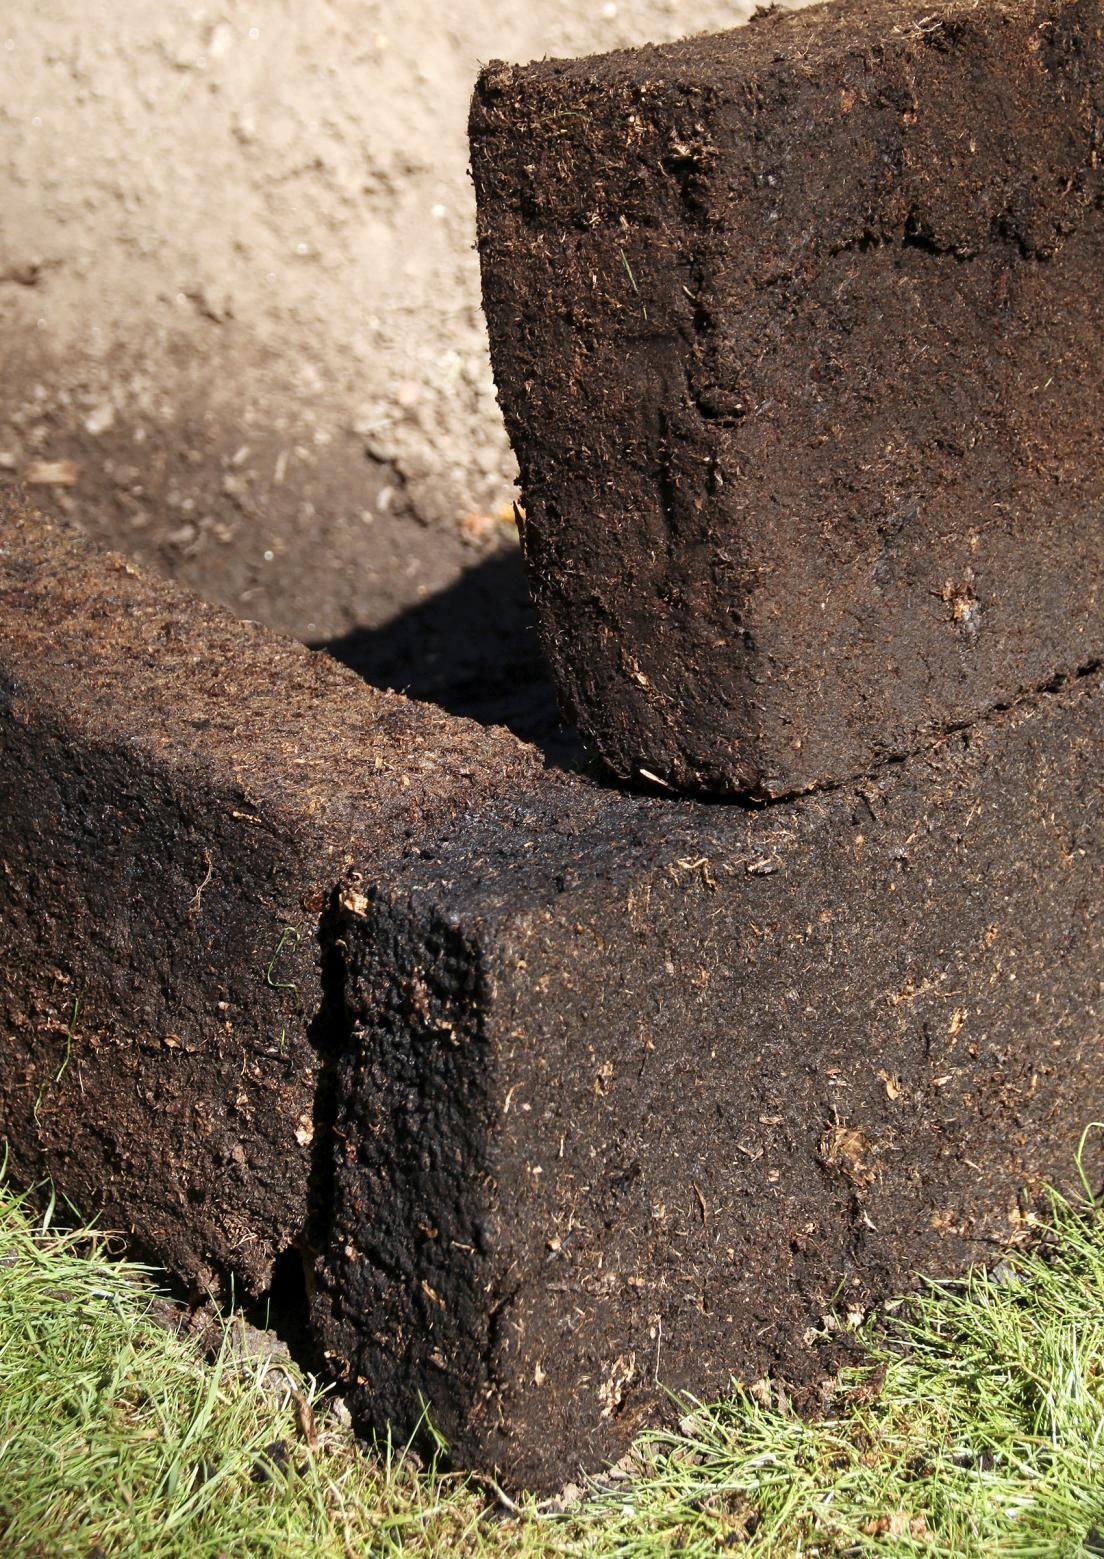 Maisemaan sointuvan kohopenkin teko onnistuu turvaharkkojen avulla.  Katso Meidän Talon ohjeet ja loihdi kuivaan ja varjoisaan paikkaan istutuksia kohopenkeillä!